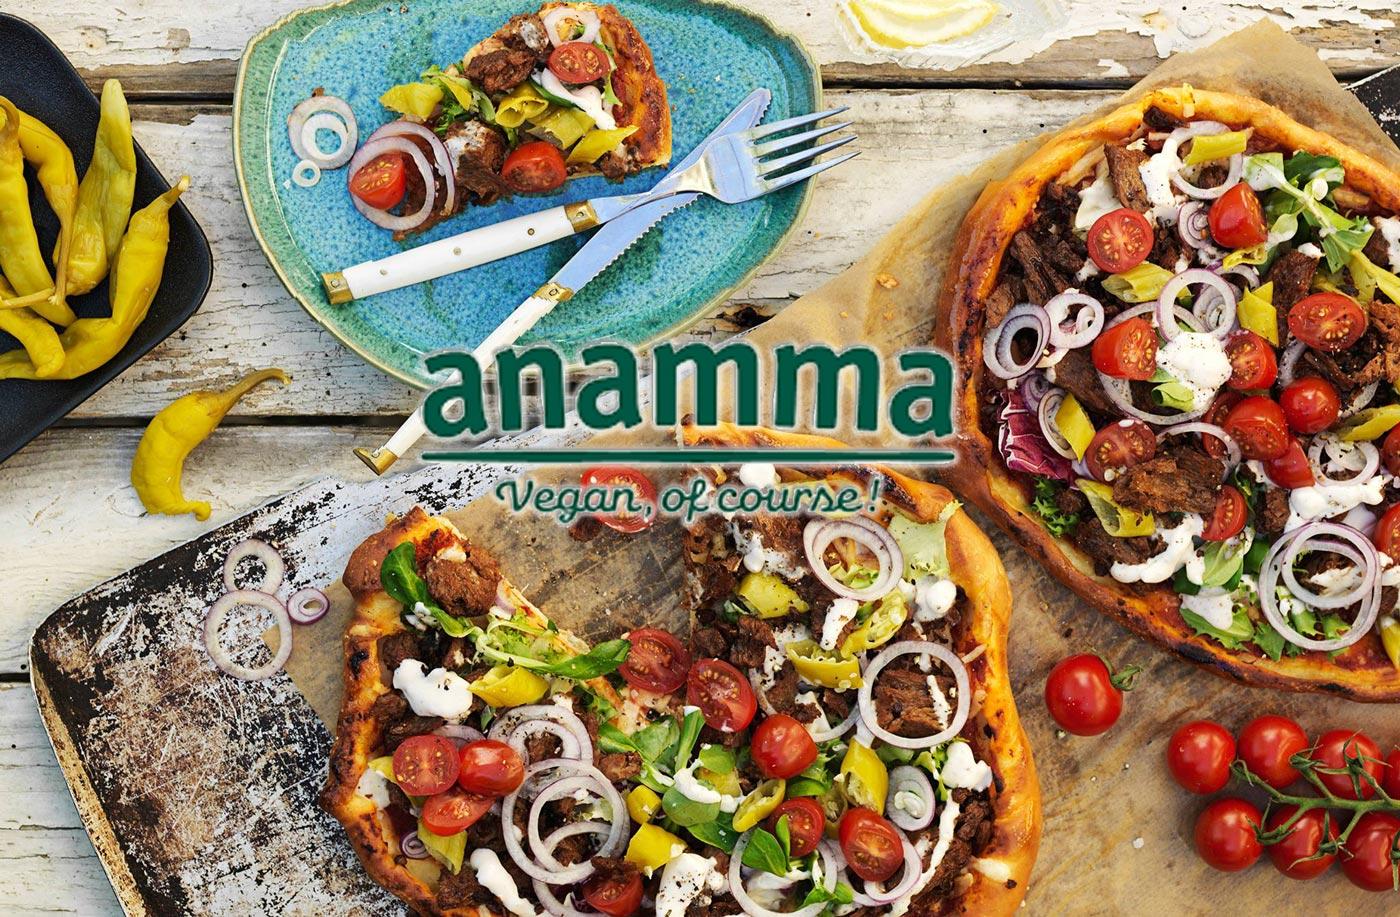 Anamma: шведские растительные продукты теперь можно купить и в Эстонии